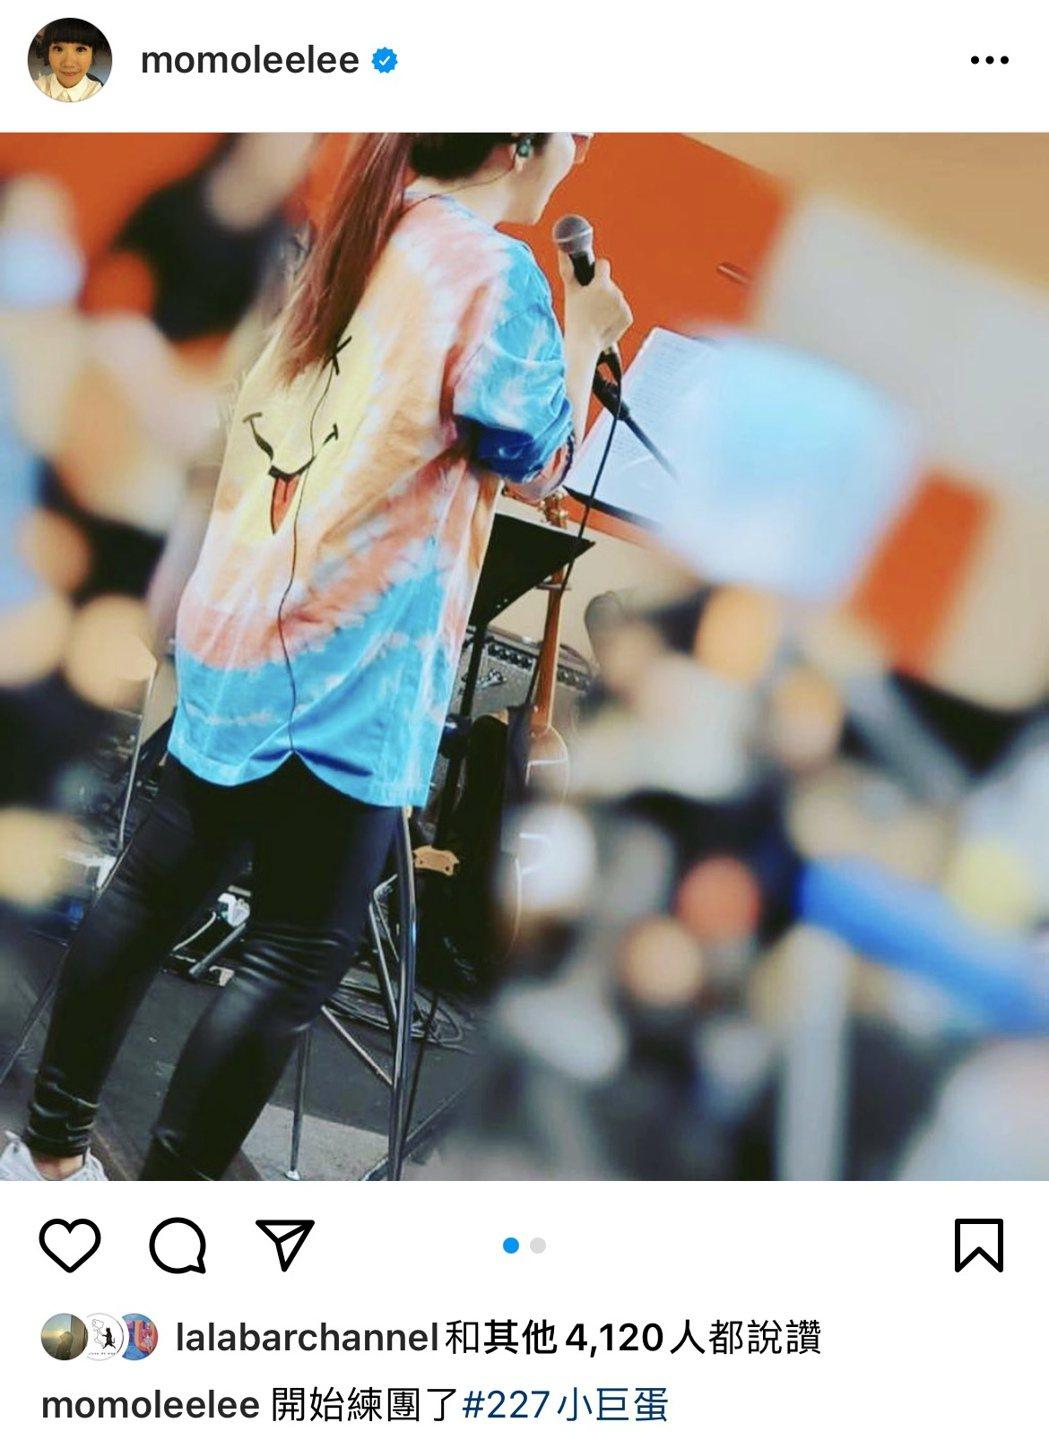 陶晶瑩日前才於社群分享練團照。圖/摘自IG